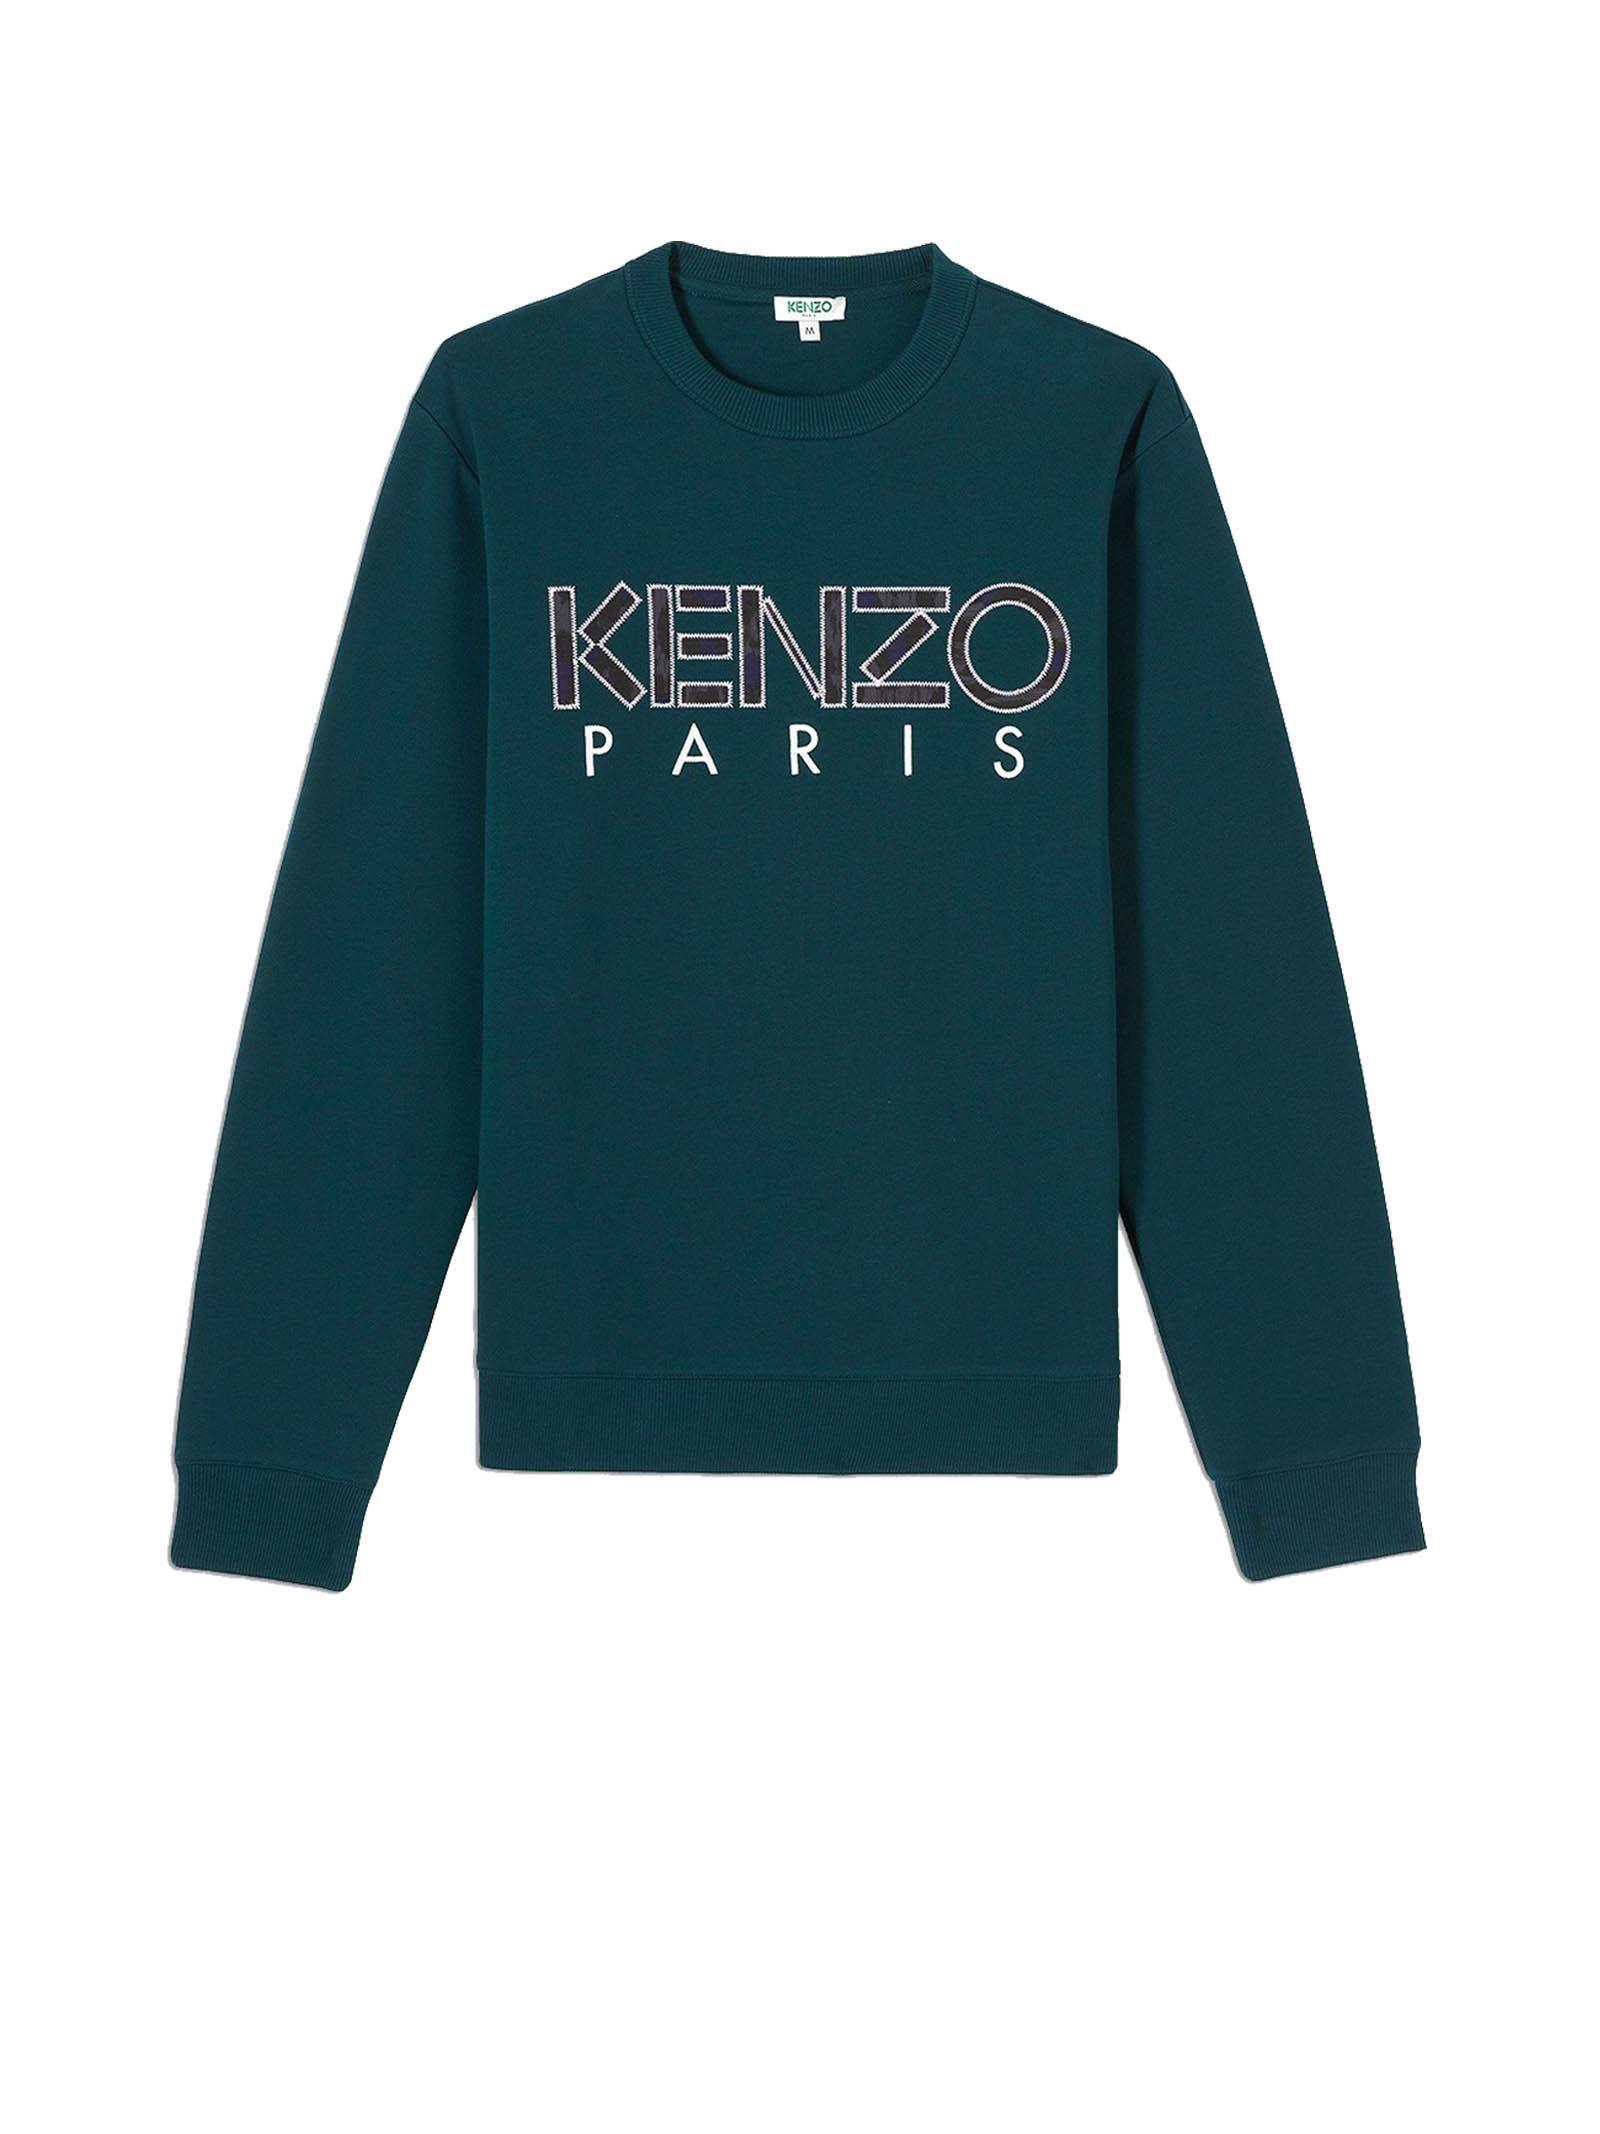 559c3f2d KENZO GREEN SWEATSHIRT. #kenzo #cloth | Kenzo | Sweatshirts, Kenzo ...